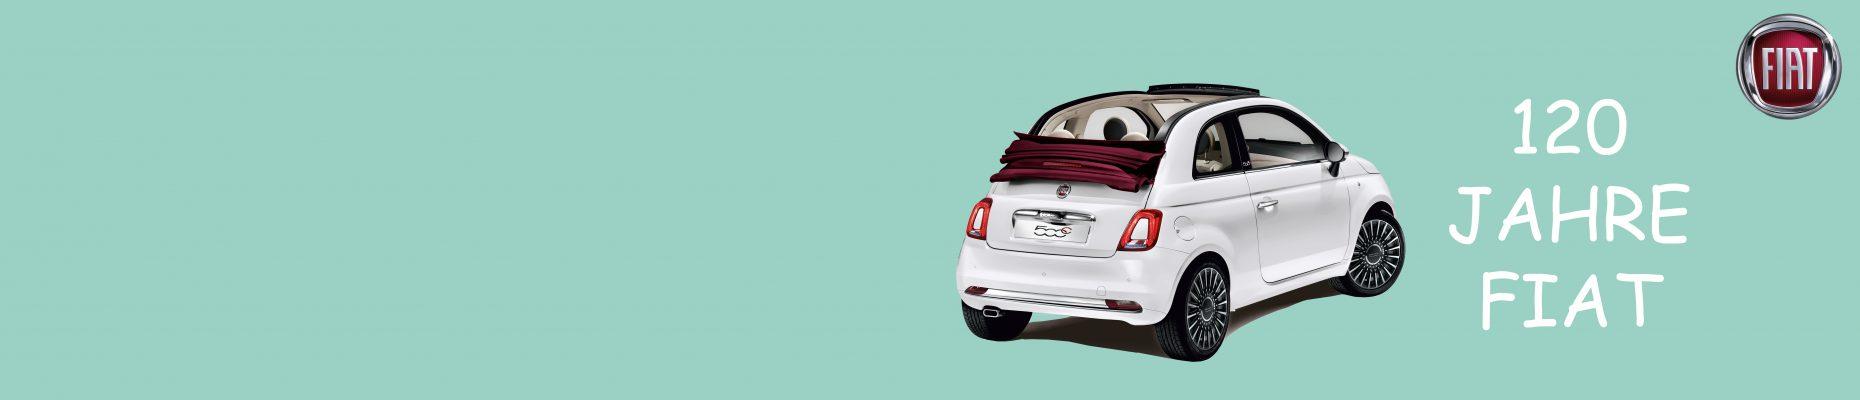 120 Jahre Fiat - Wir feiern mit!